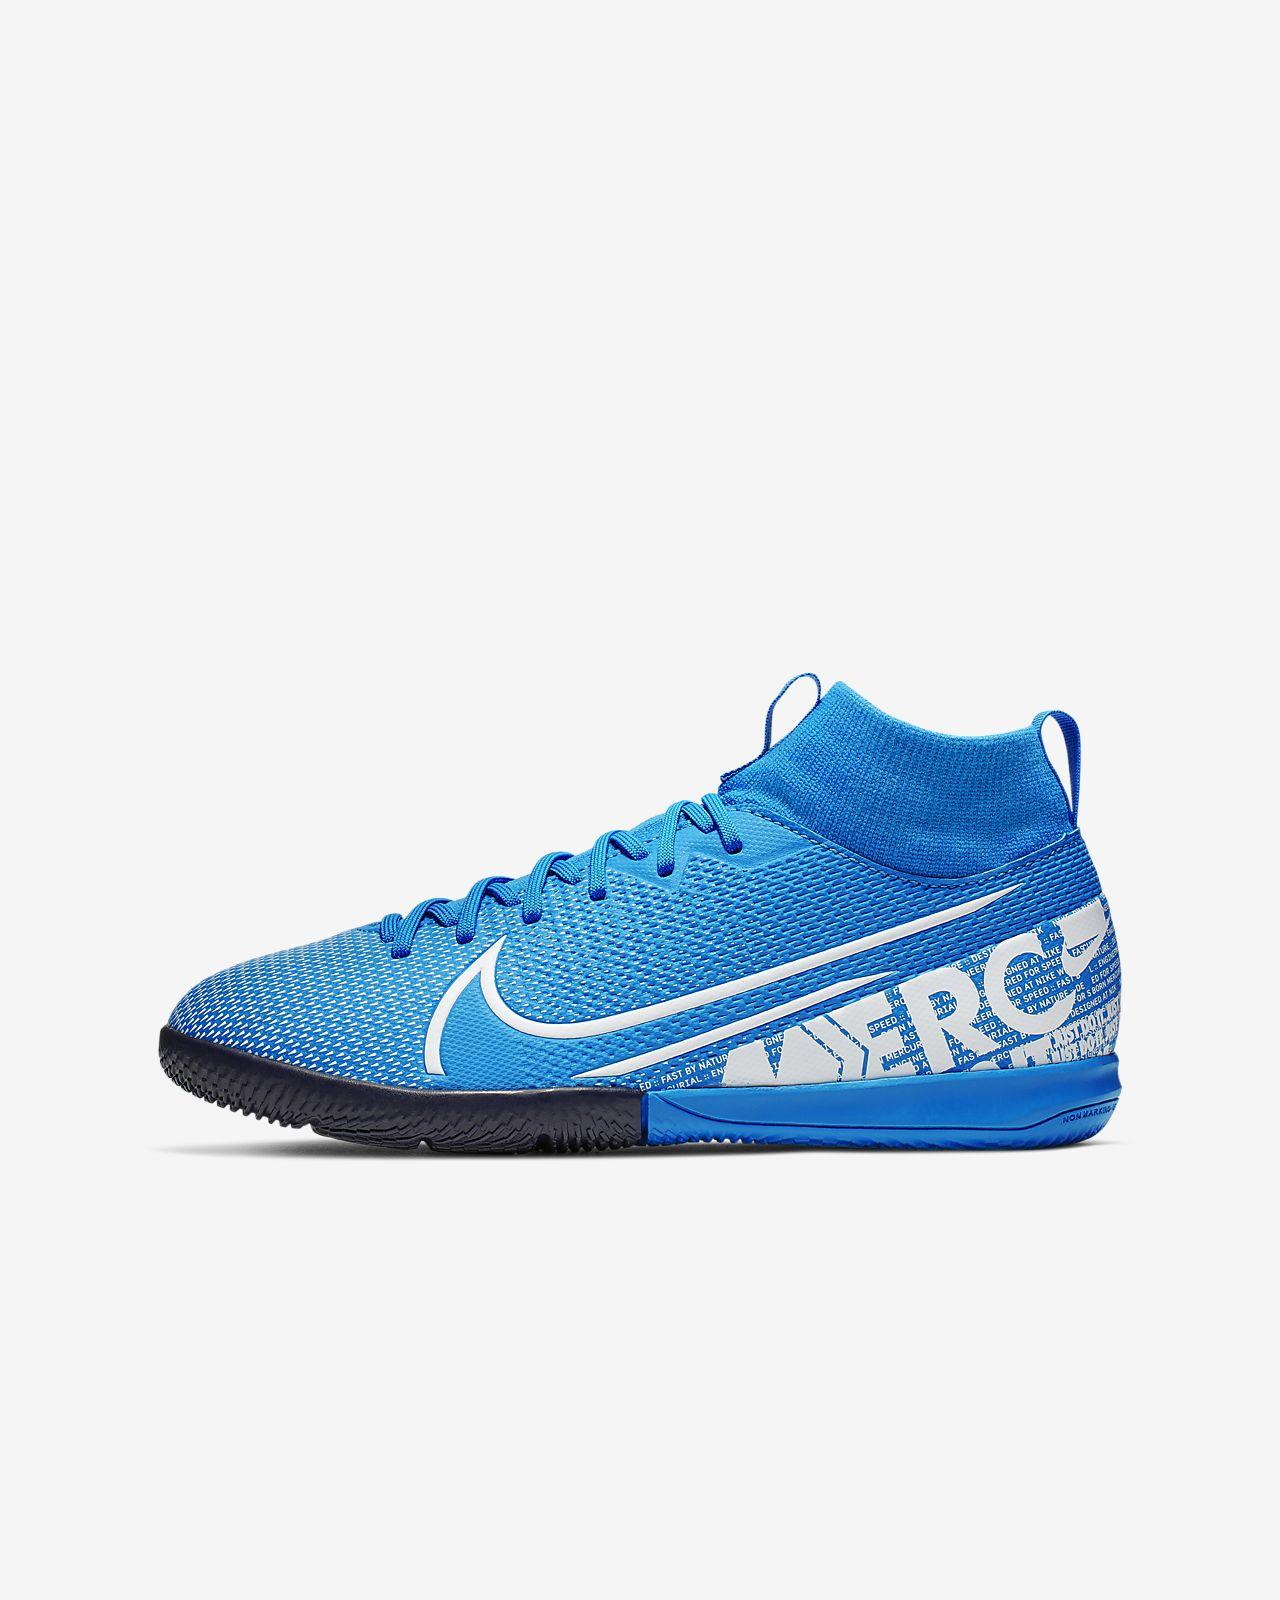 Nike Jr Mercurial Superfly 7 Academy Ic Kinder Fussballschuh Fur Hallen Und Hartplatze